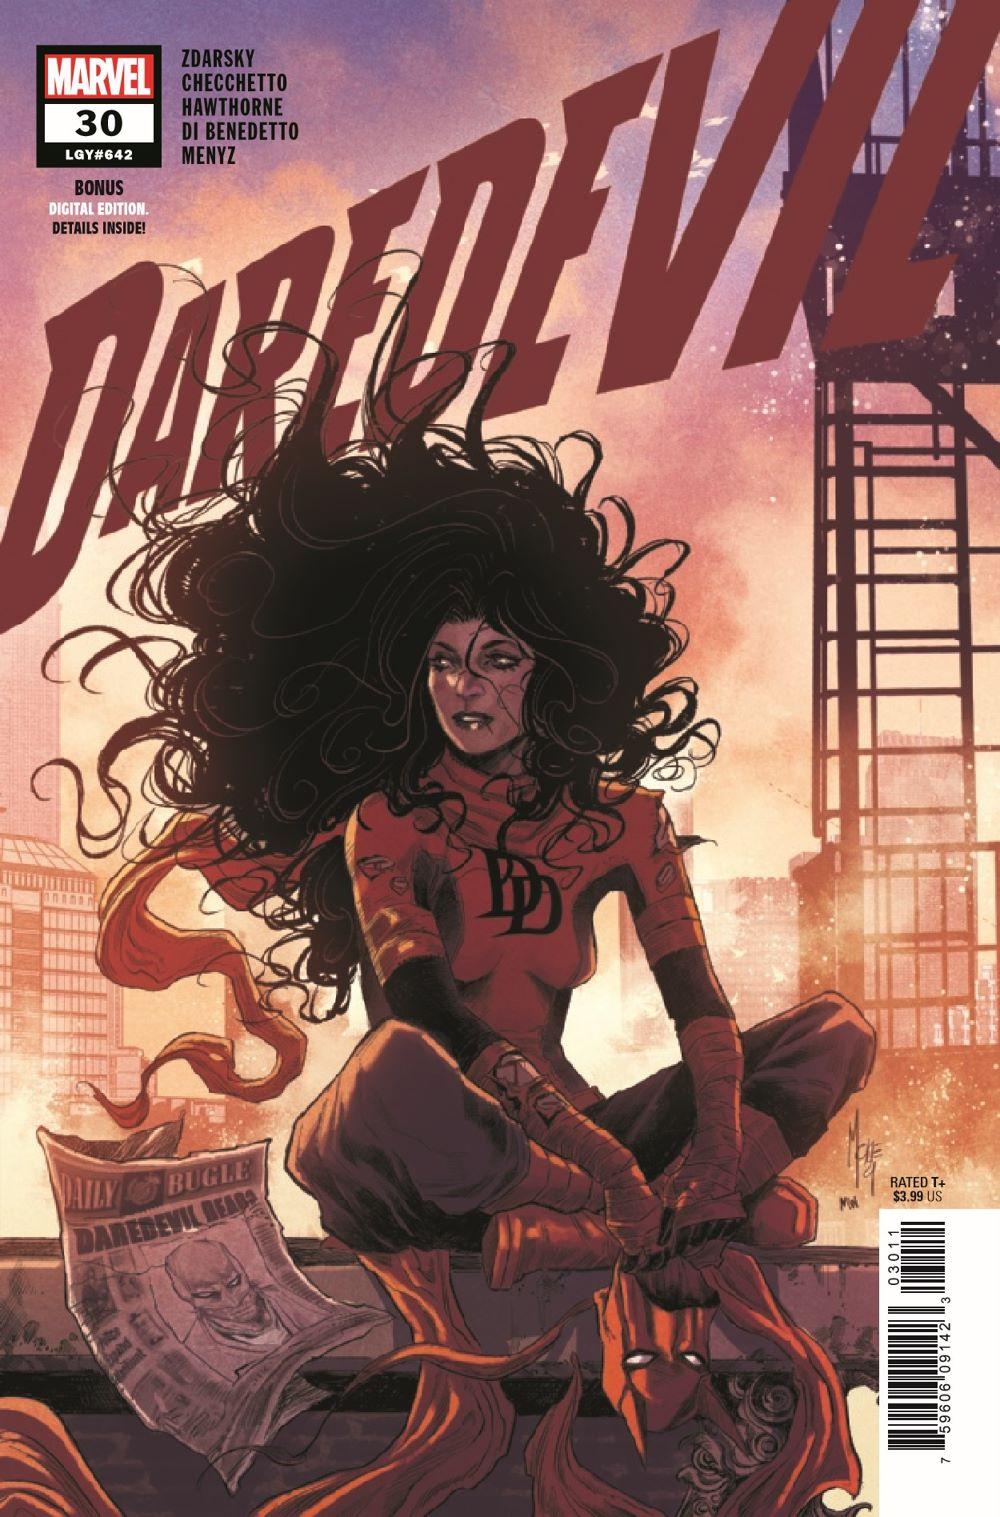 DD2019030_Preview-1 ComicList Previews: DAREDEVIL #30